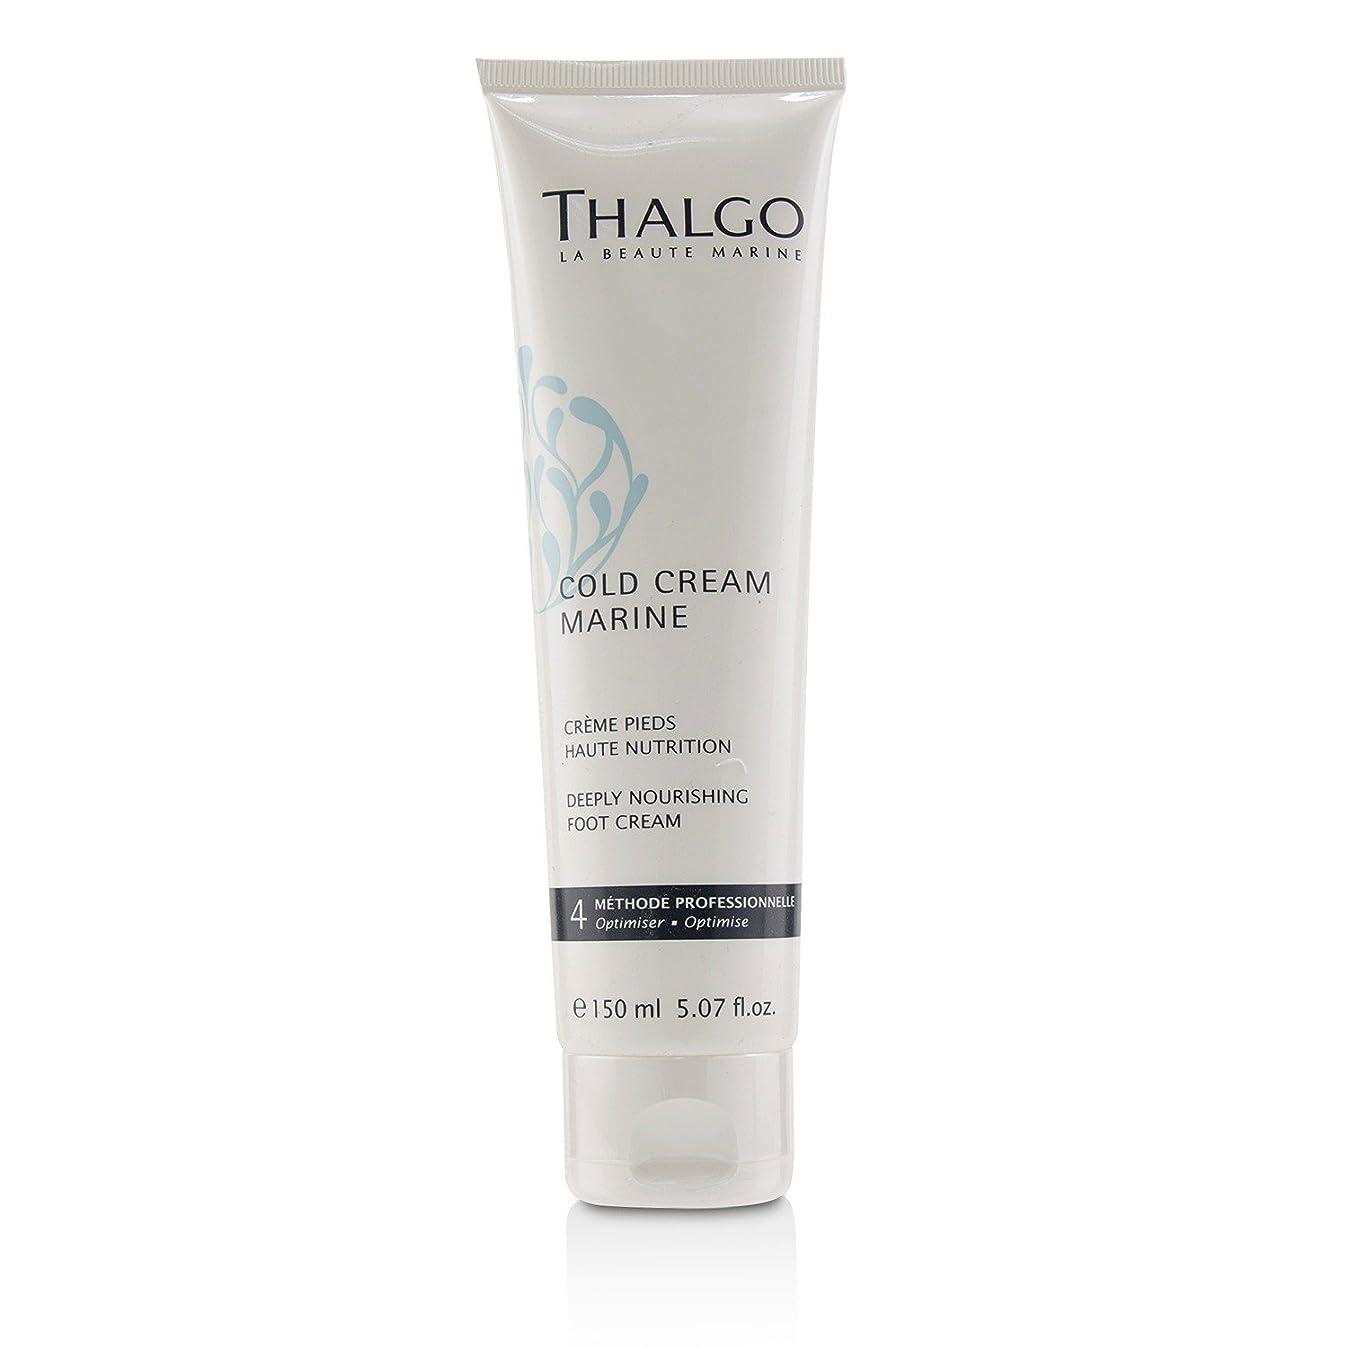 桃つかまえるどこでもタルゴ Cold Cream Marine Deeply Nourishing Foot Cream - For Dry, Very Dry Feet (Salon Size) 150ml/5.07oz並行輸入品